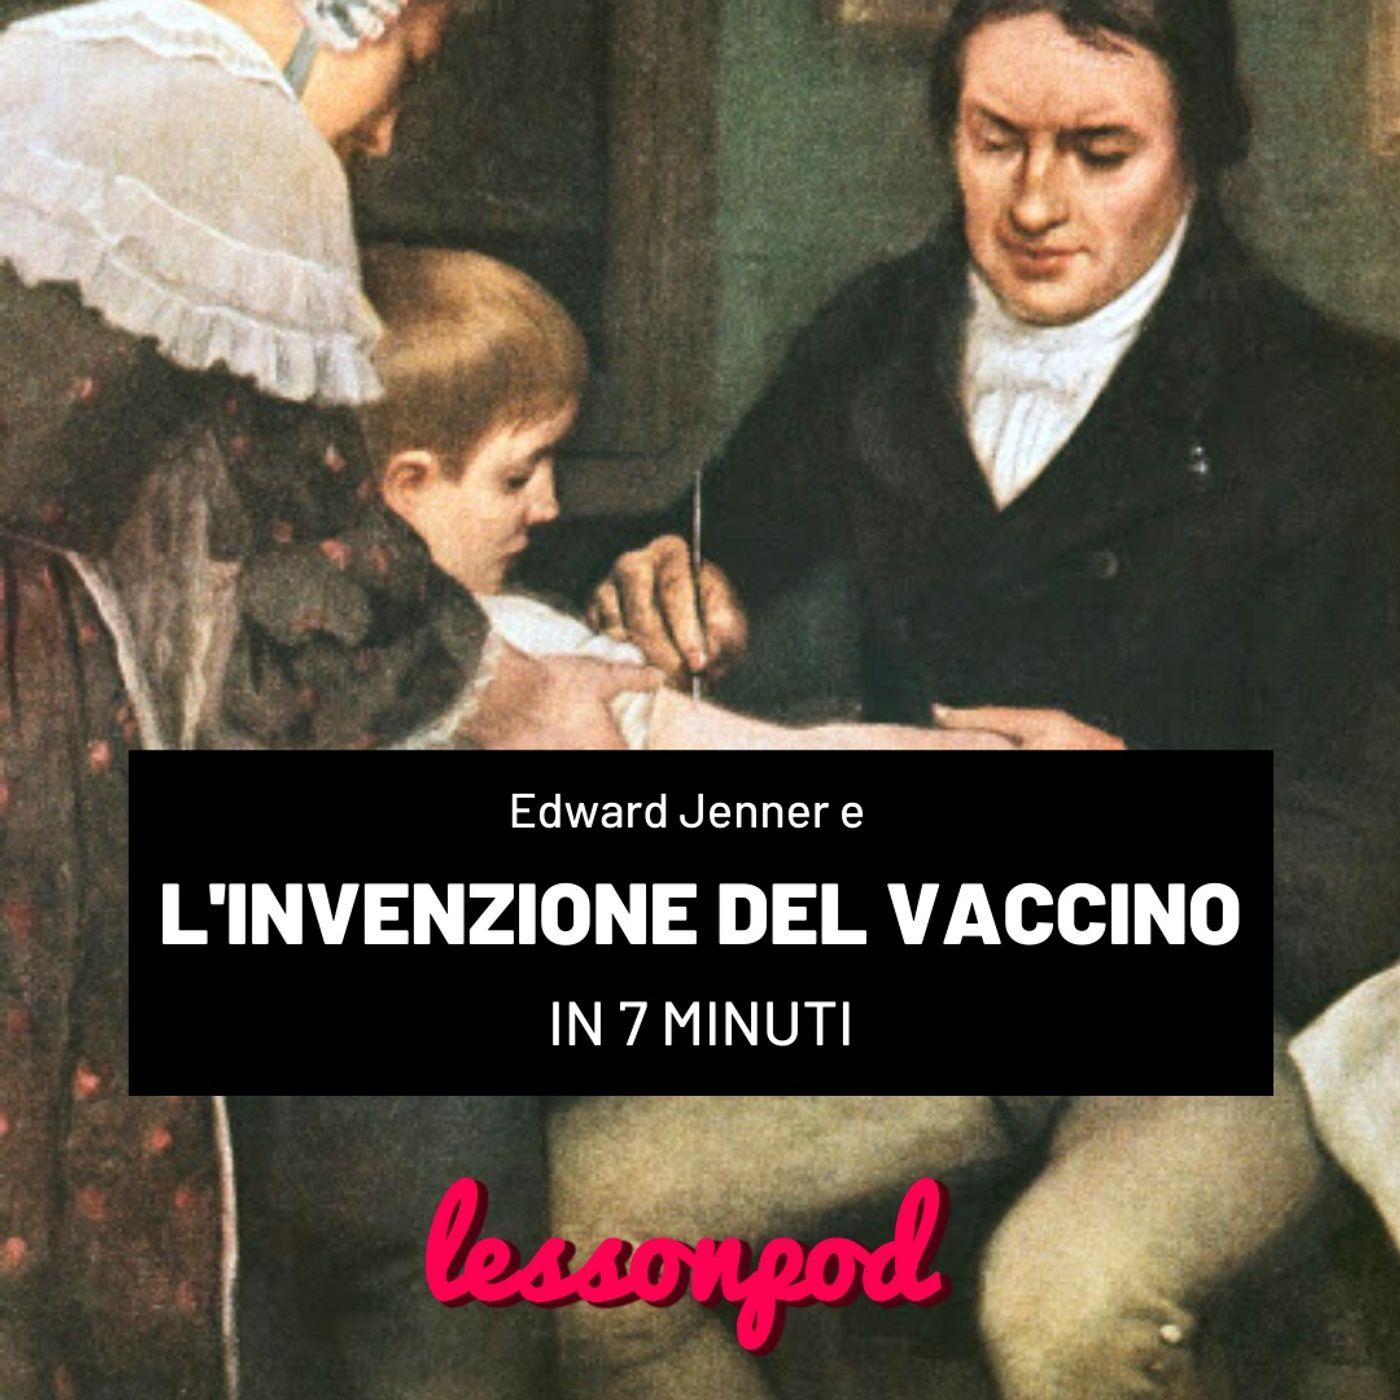 Edward Jenner e l'invenzione del vaccino in 7 minuti